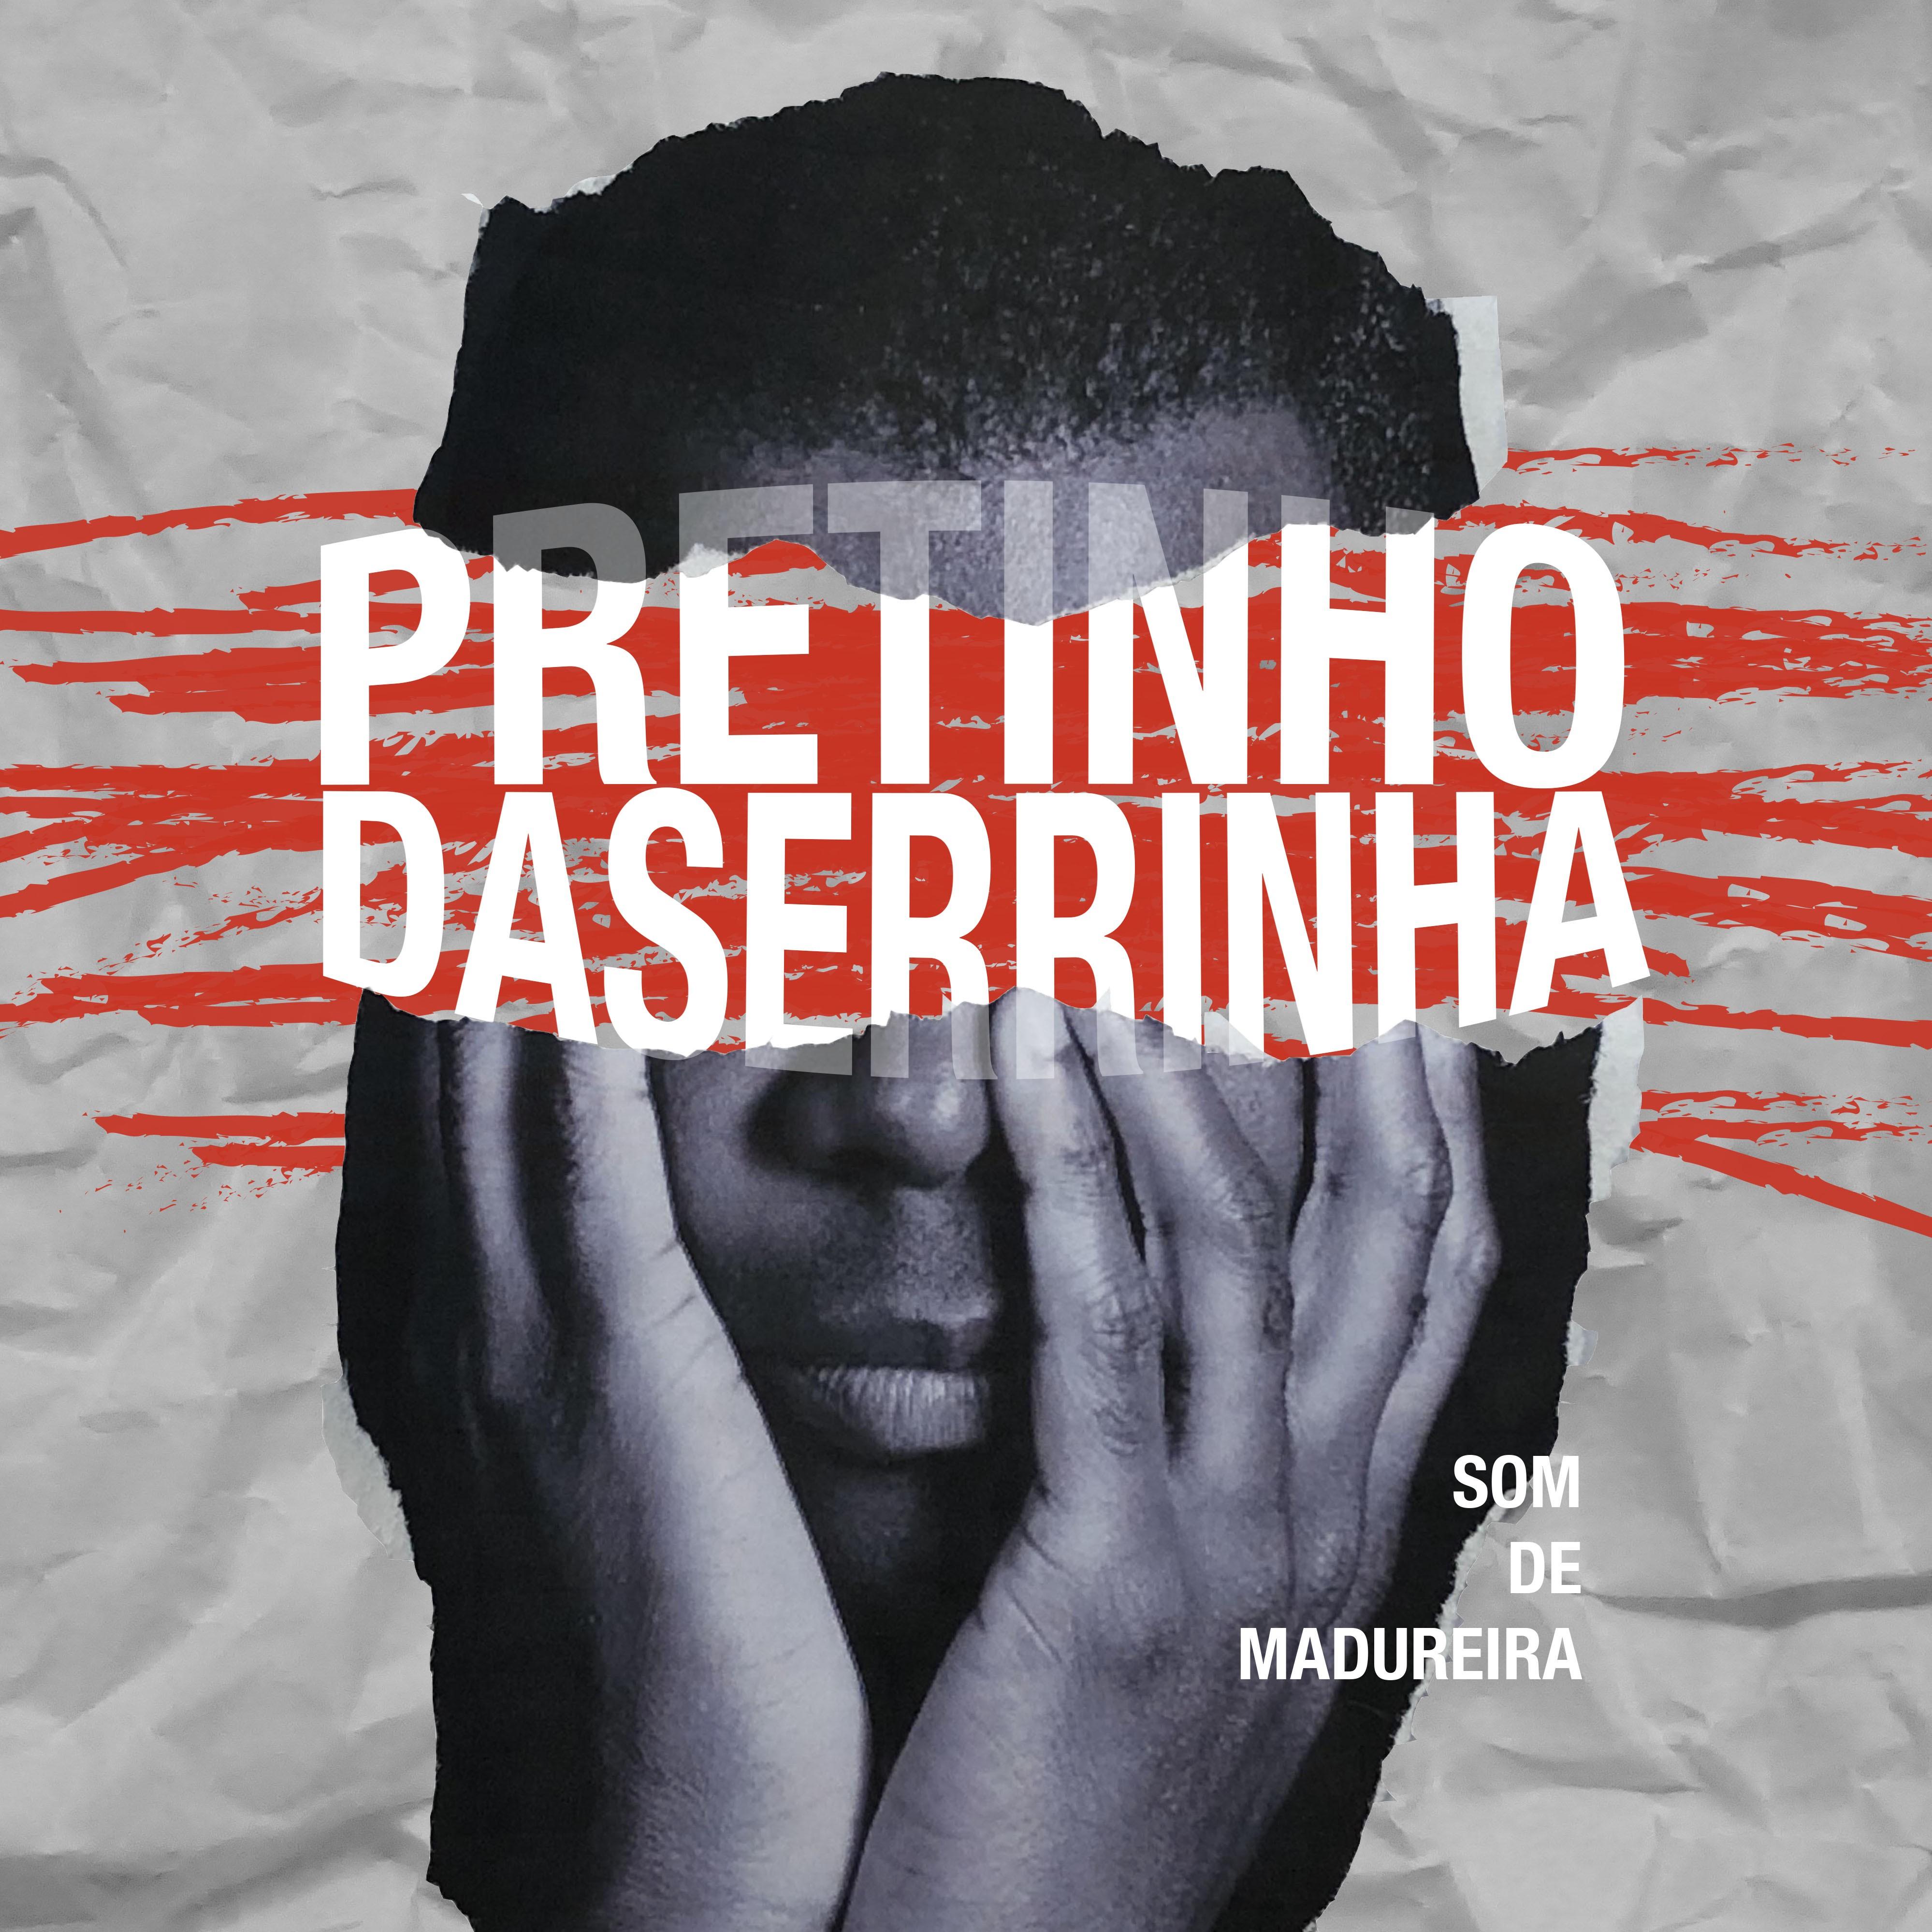 Pretinho da Serrinha faz 'Som de Madureira' com Lulu Santos, Quarteto em Cy e Zélia Duncan